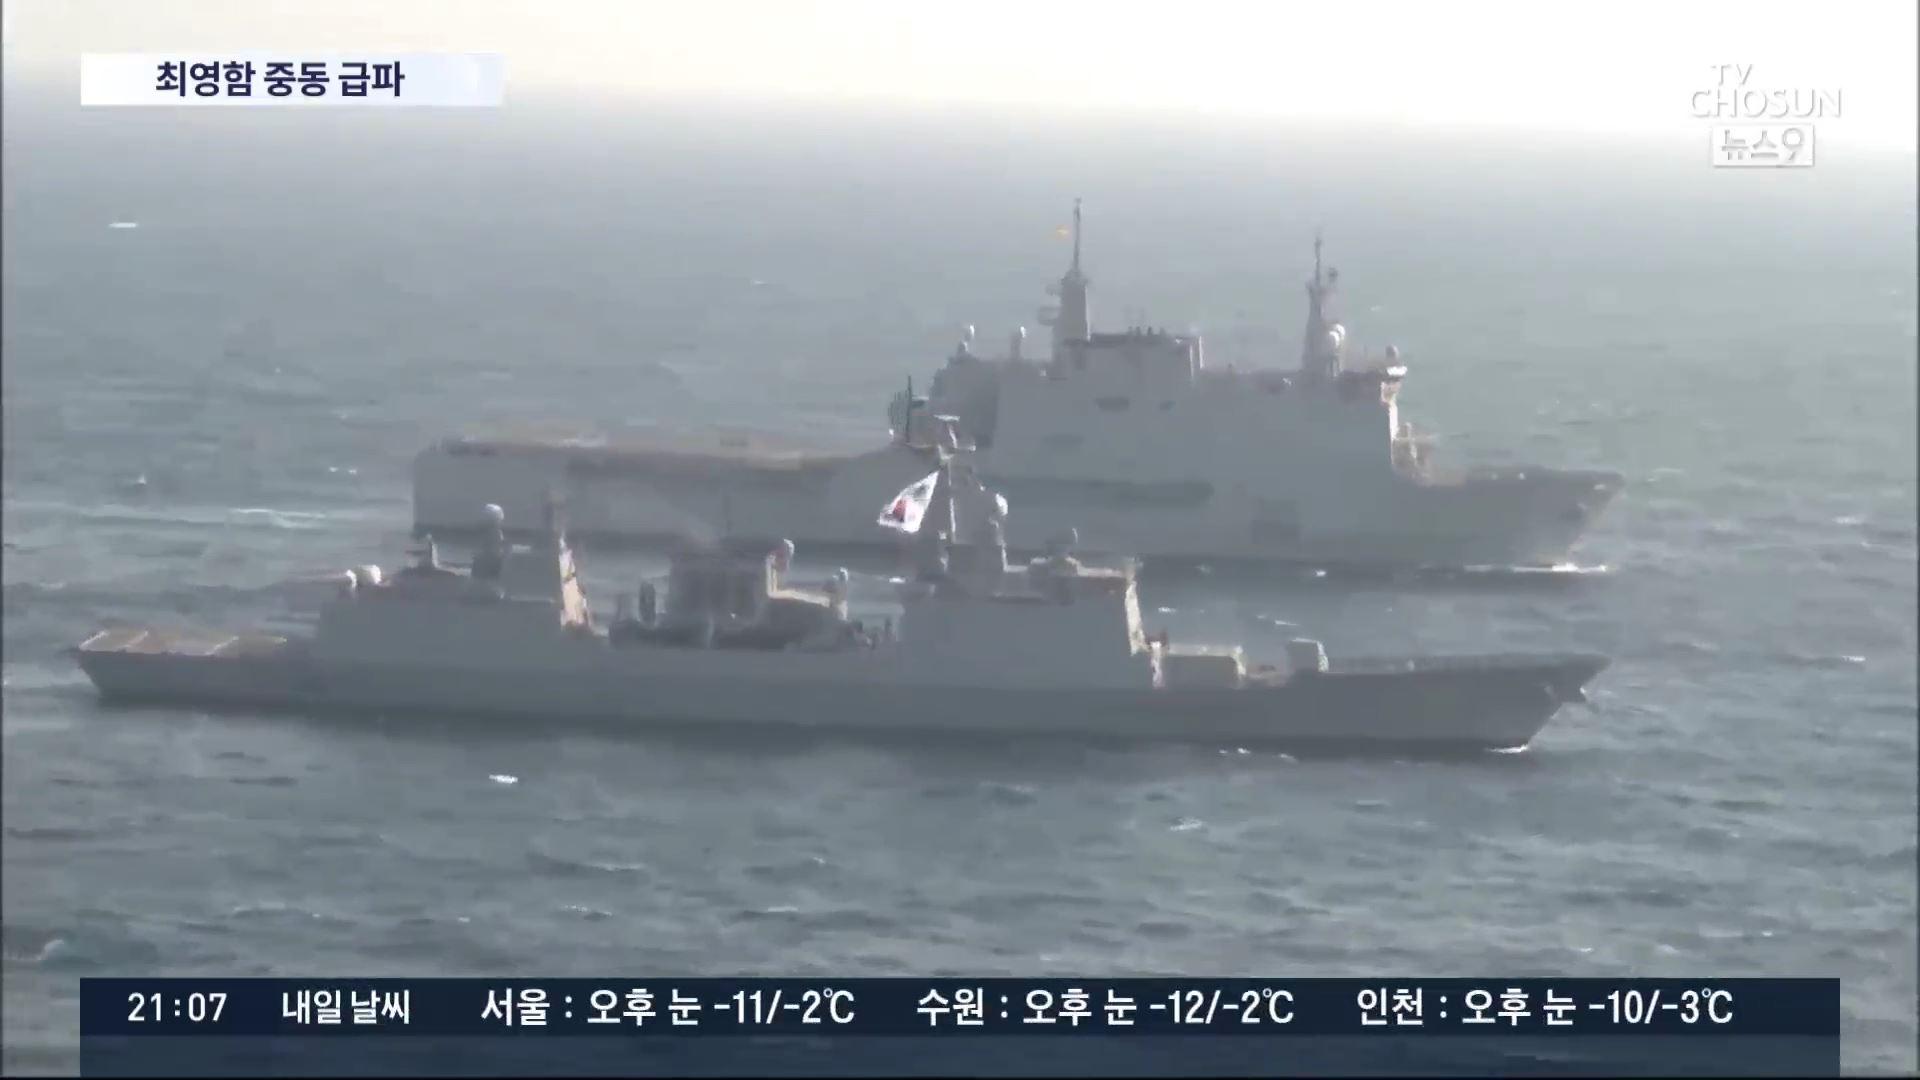 최영함 호르무즈해협 급파…최종건 차관, 10일 이란 방문